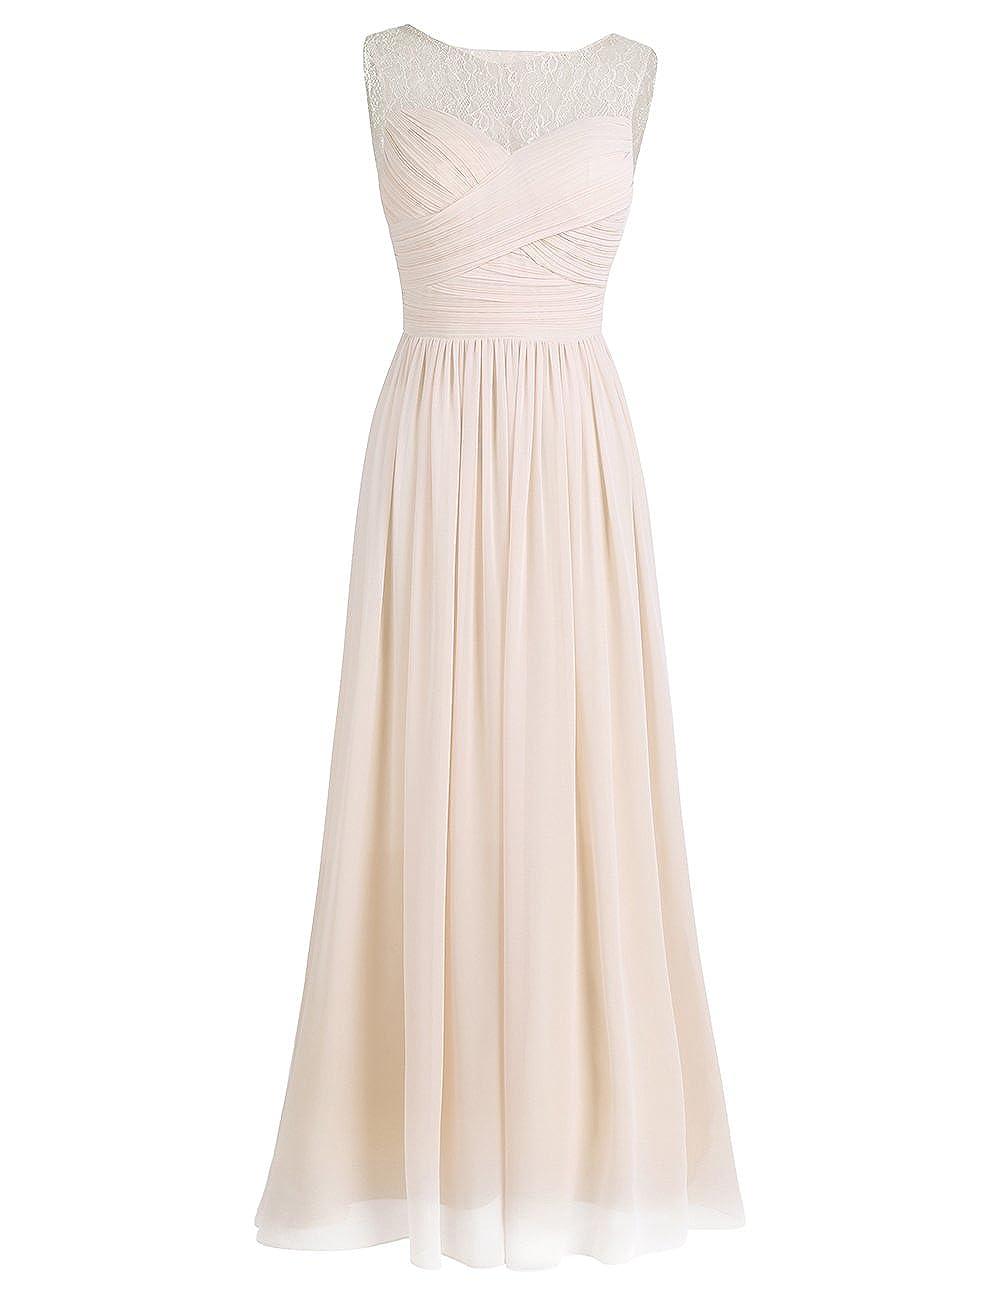 iEFiEL Damen Abendkleider elegant Hochzeitskleid Cocktailkleid Chiffon Festlich Festkleid Langes Brautjungfernkleid 34-46